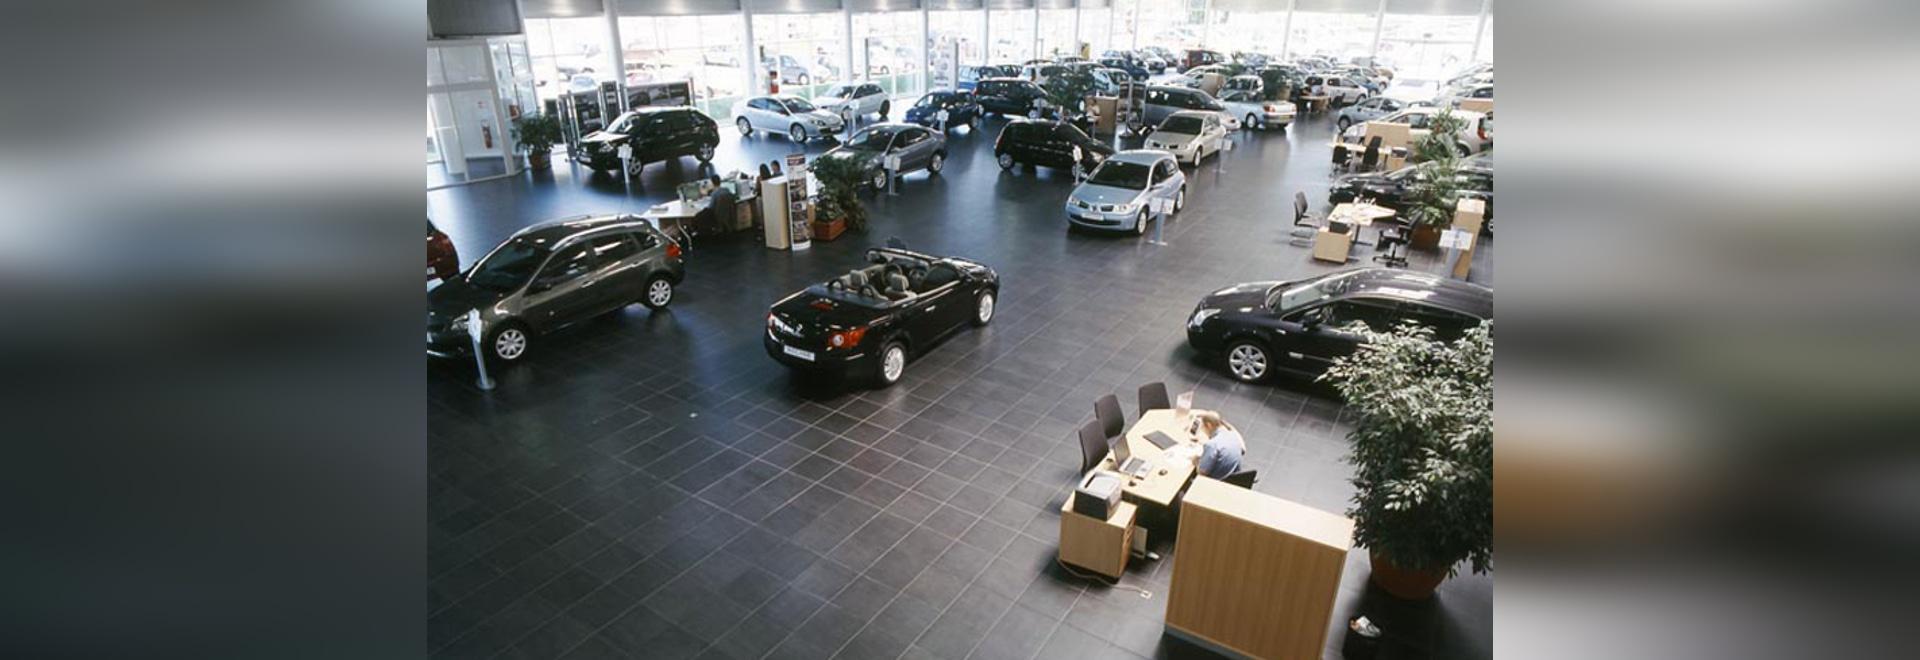 Ausstellungsraum Renault - kein Name